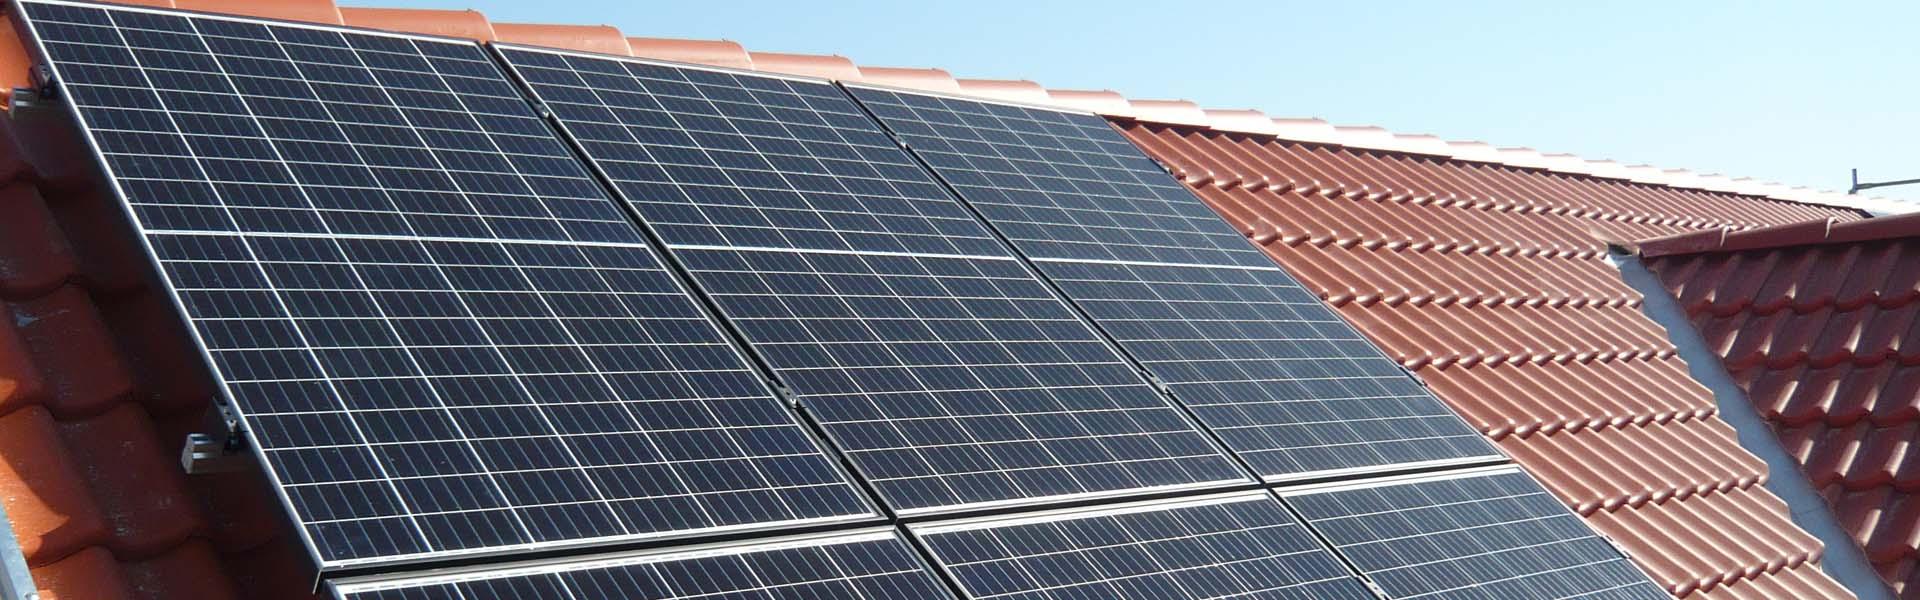 Energiekonzepte für Holzhäuser